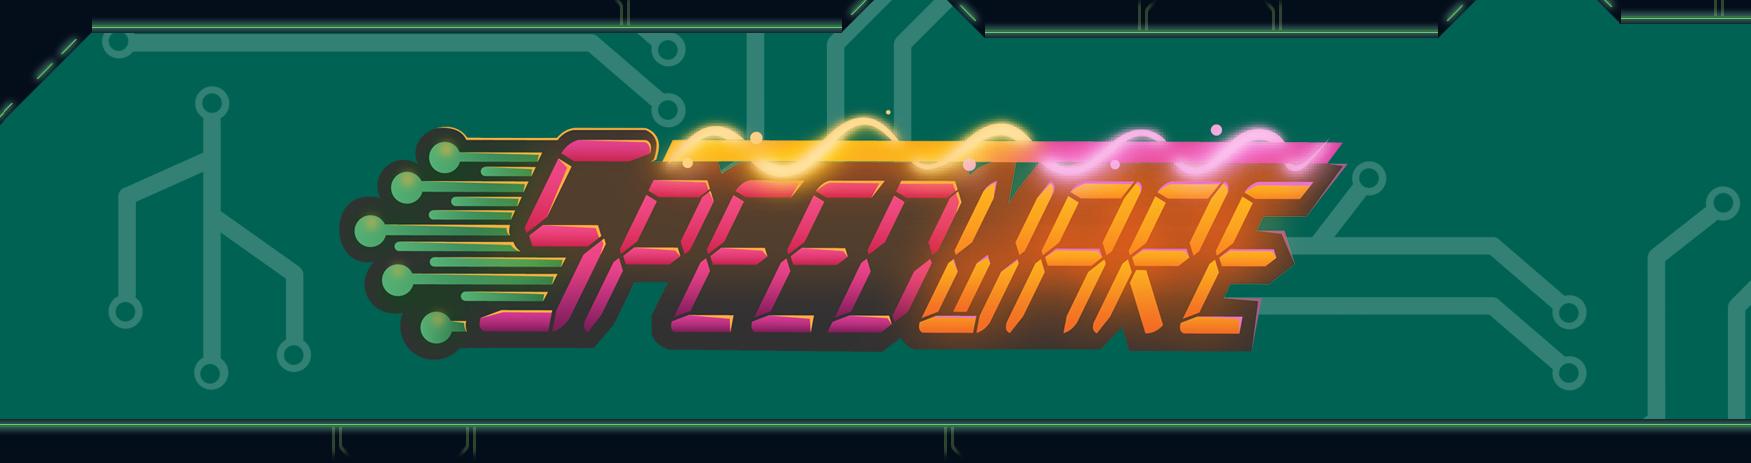 Speedware